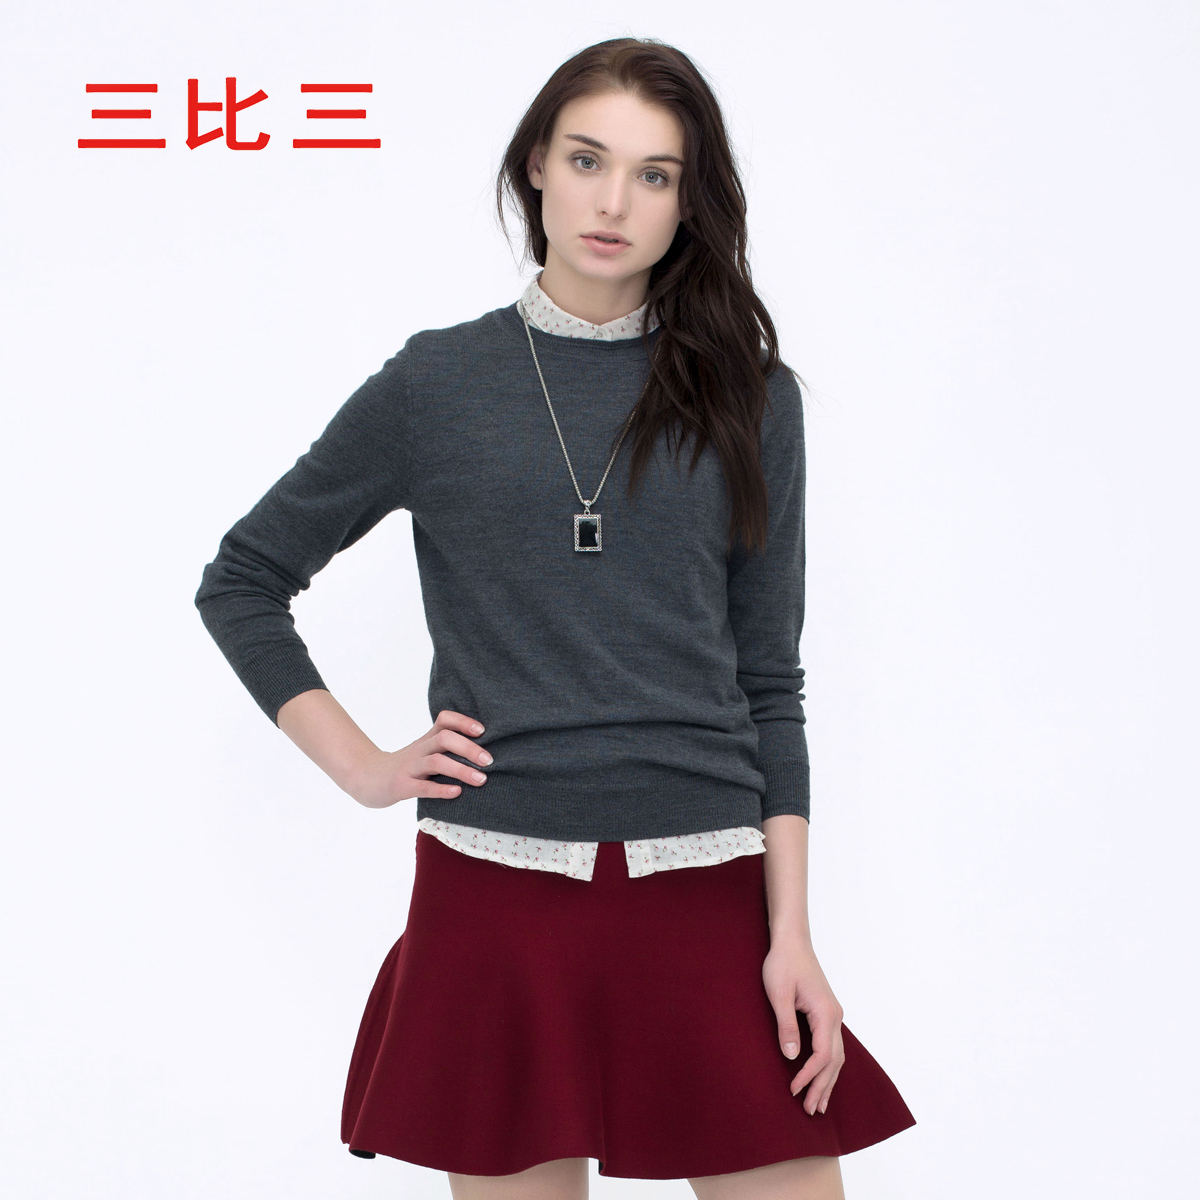 三比三欧美纯羊毛针织衫修身长袖女套头毛衣D32154K010